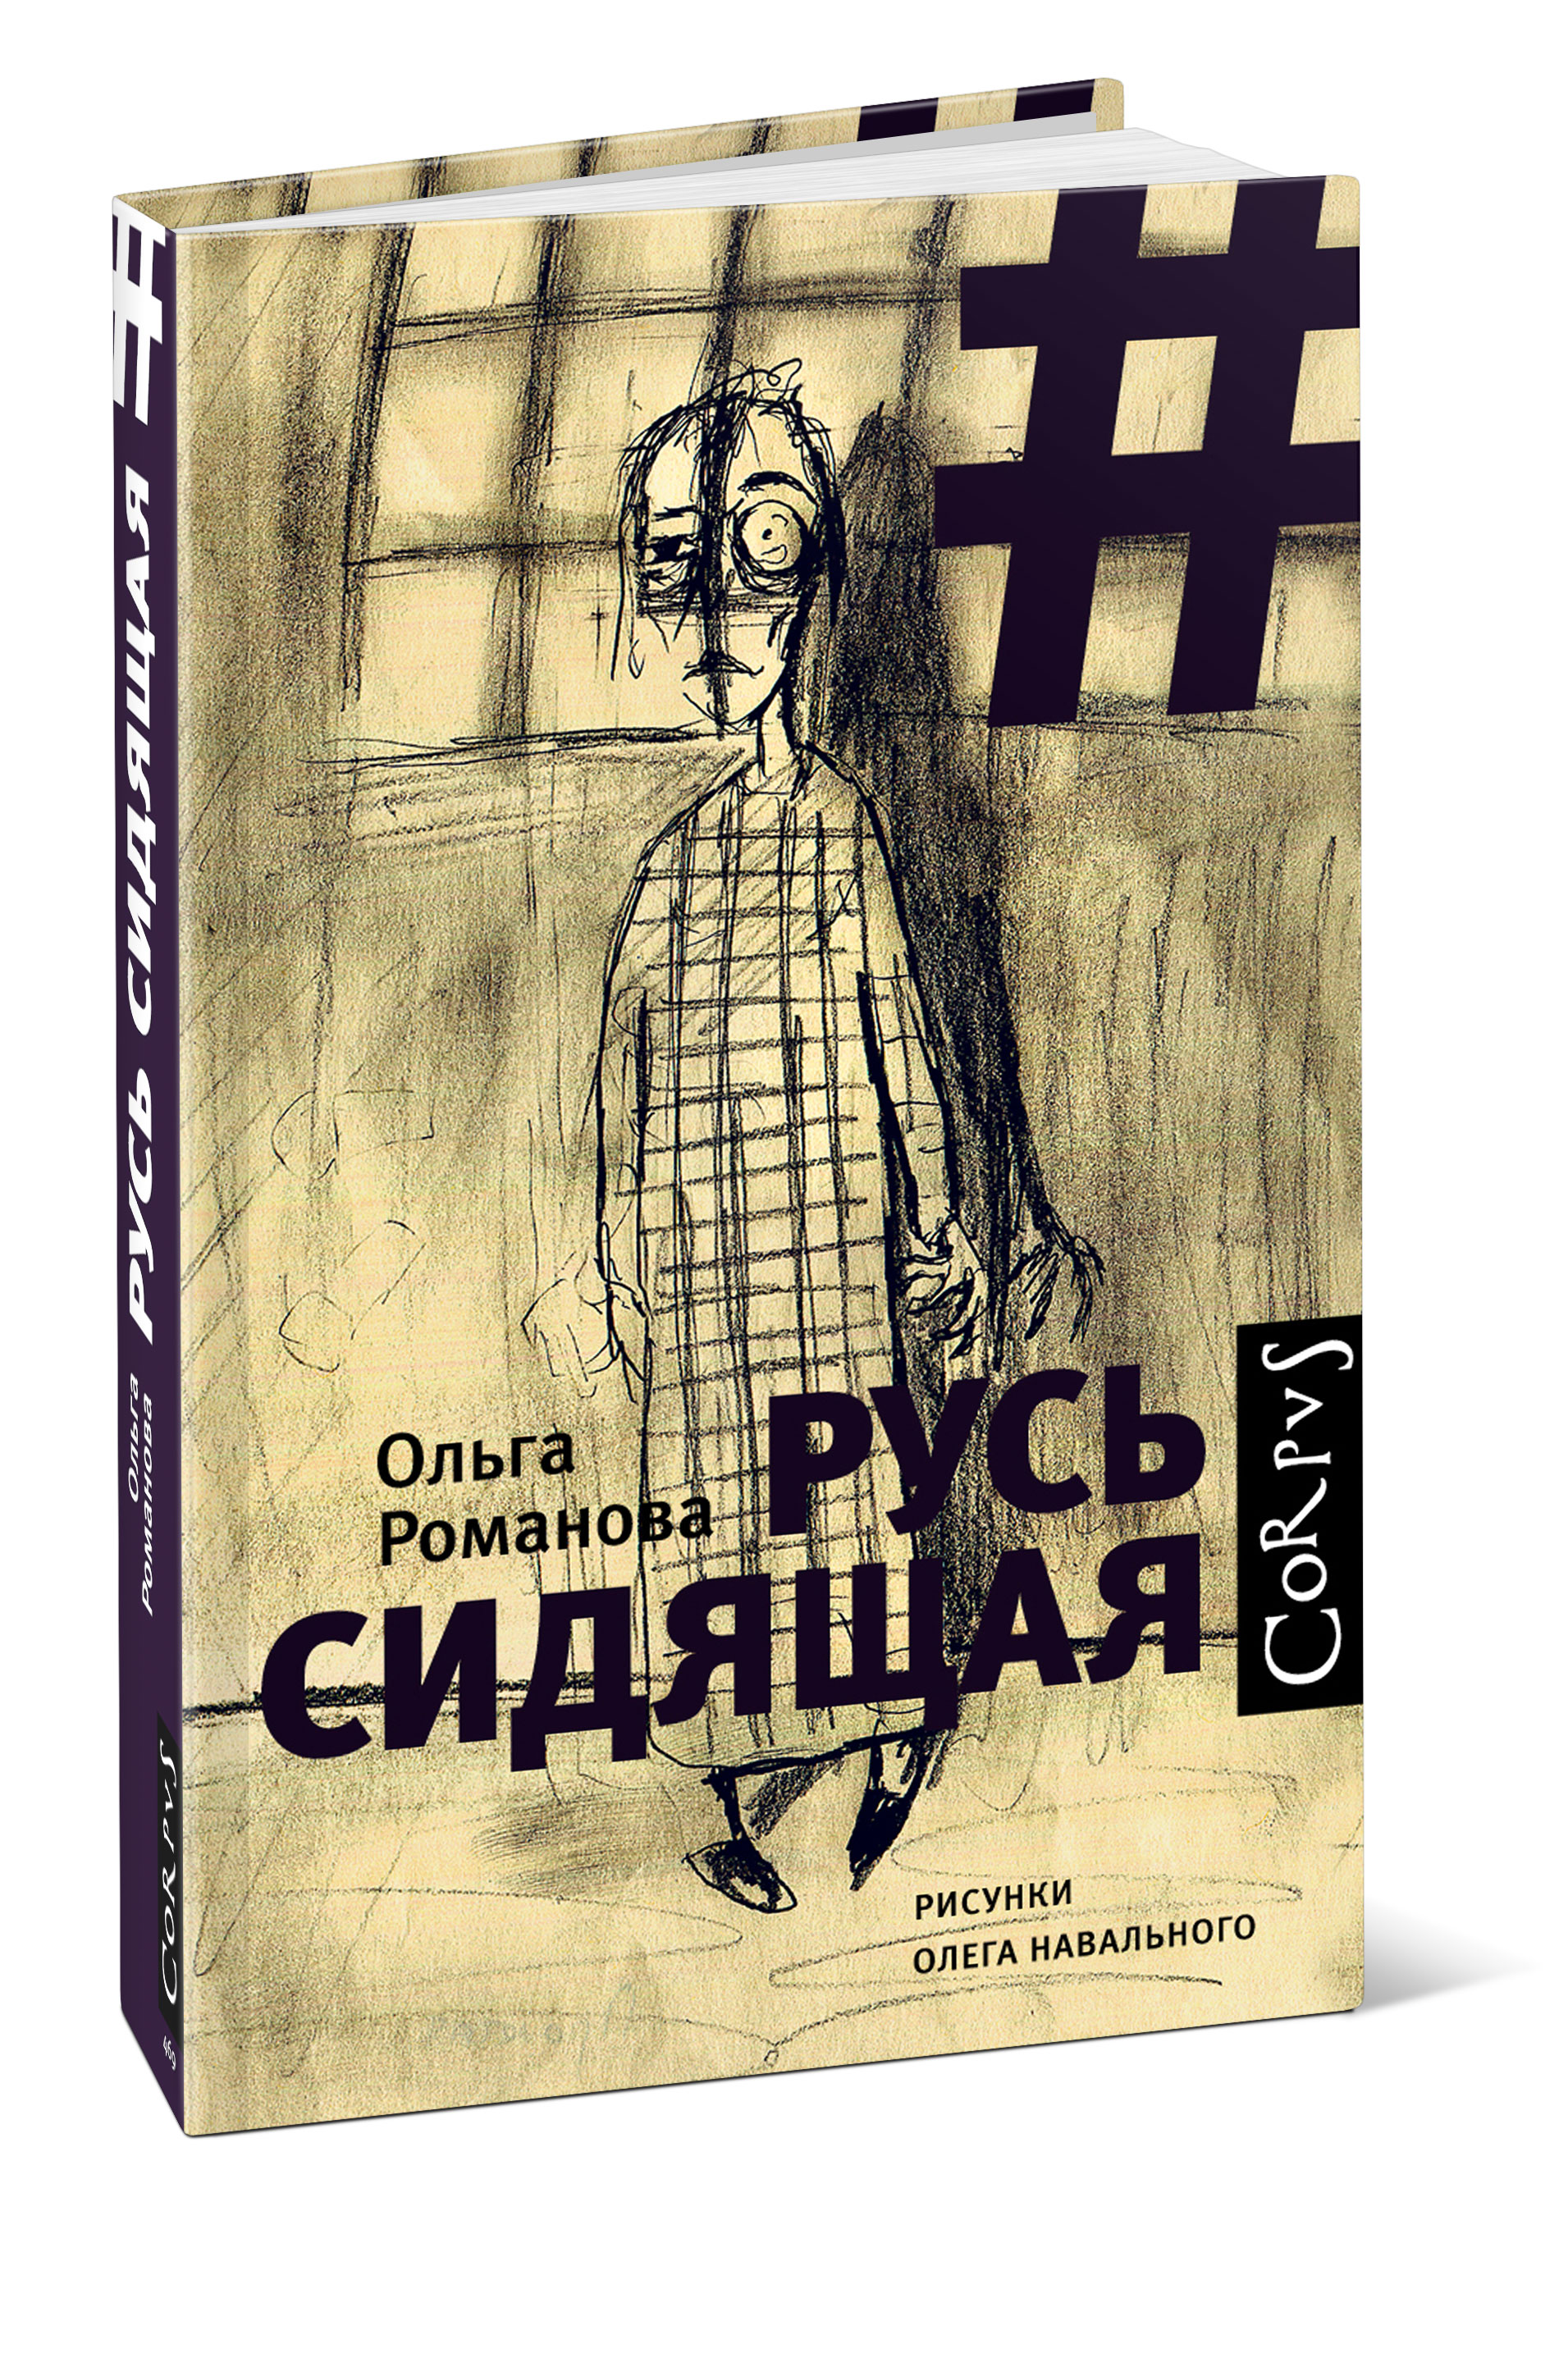 Ольга Романова Русь сидящая